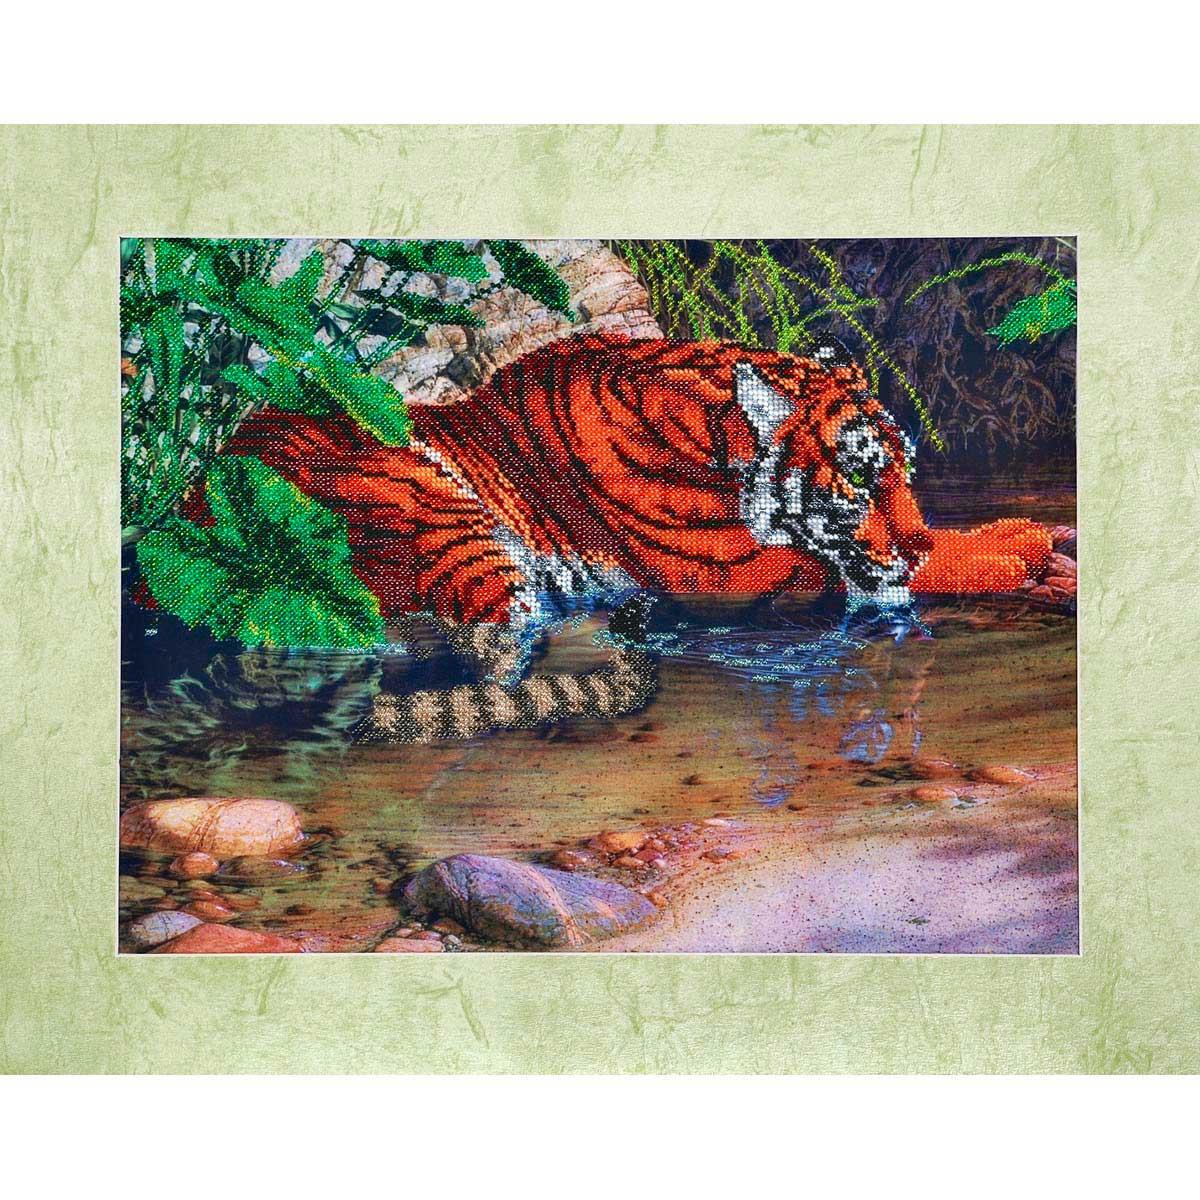 БН-3077 Набор для вышивания бисером Hobby&Pro 'Тигр в воде', 40*30 см